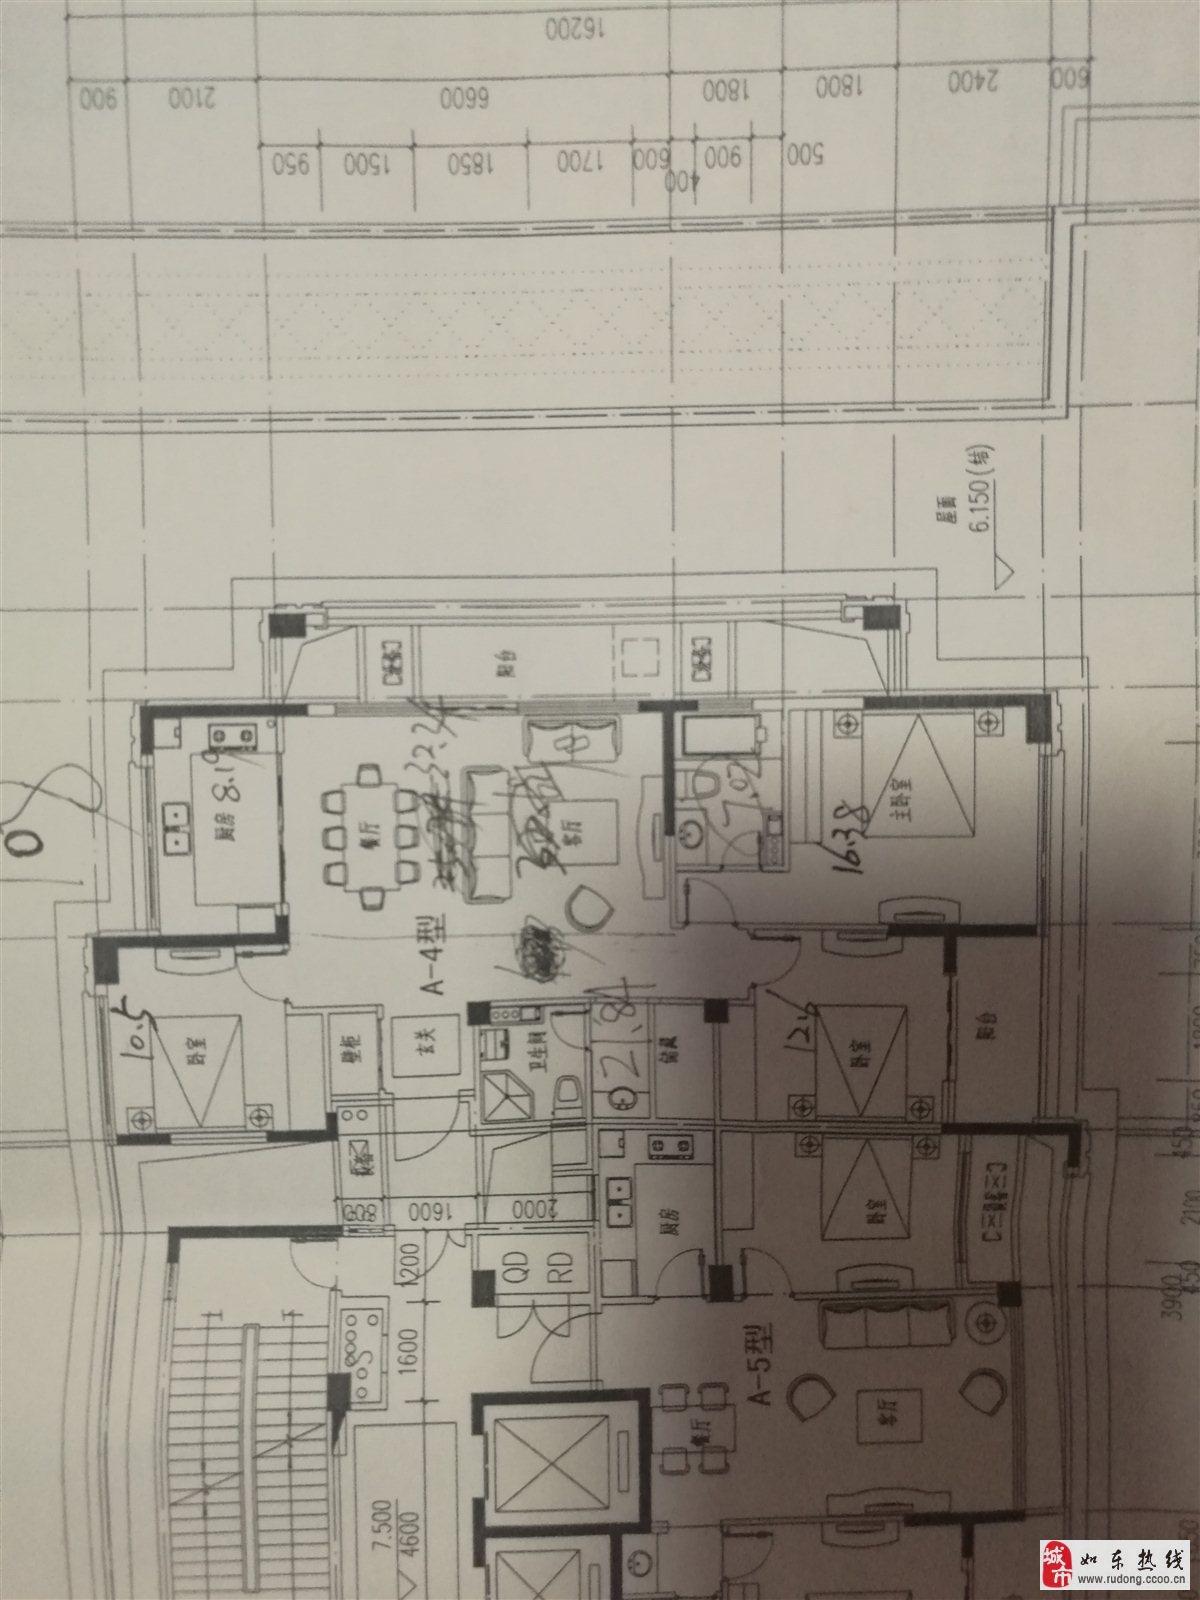 尚诚中介:锦绣瑞府三室二厅140平126万含开户费用